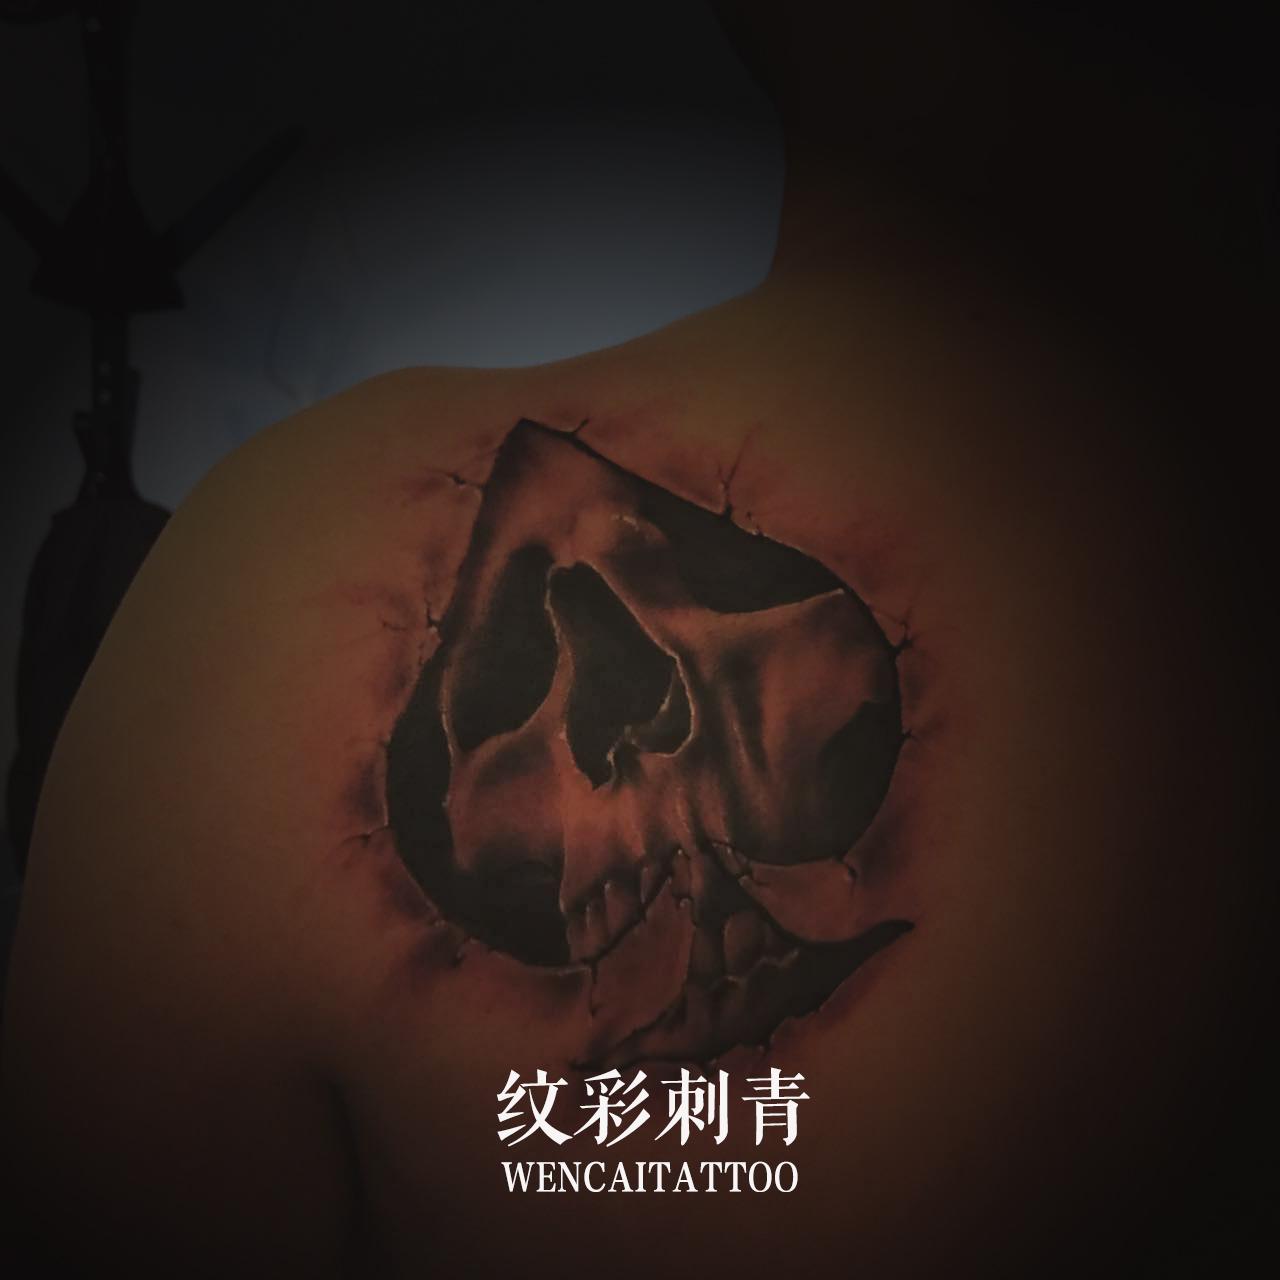 青岛梁先生后背上的黑桃骷髅纹身图案